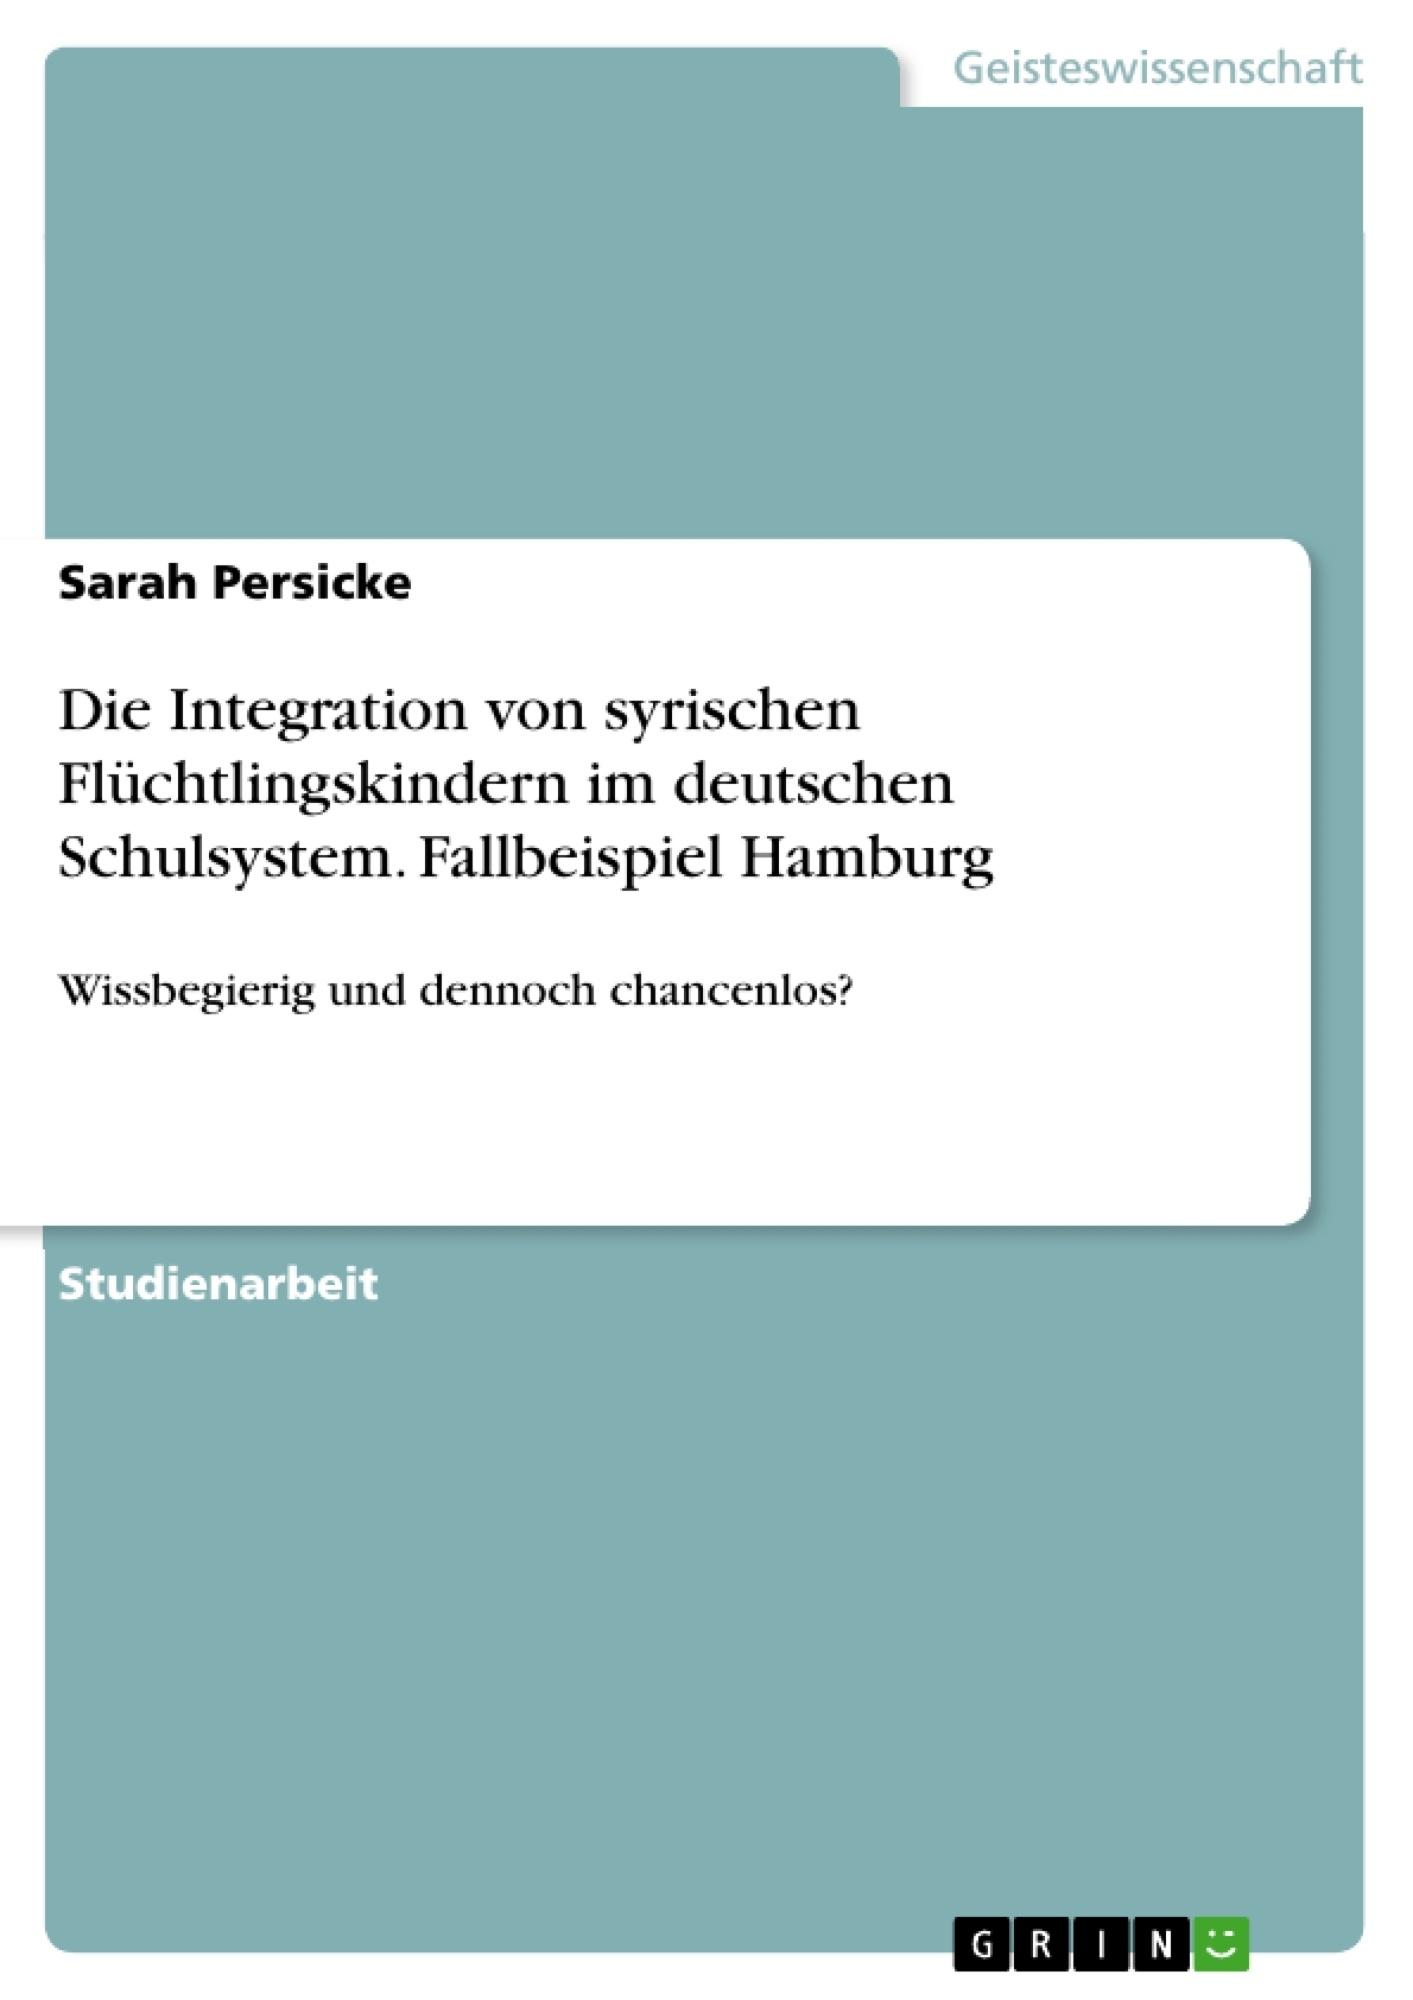 Titel: Die Integration von syrischen Flüchtlingskindern im deutschen Schulsystem. Fallbeispiel Hamburg